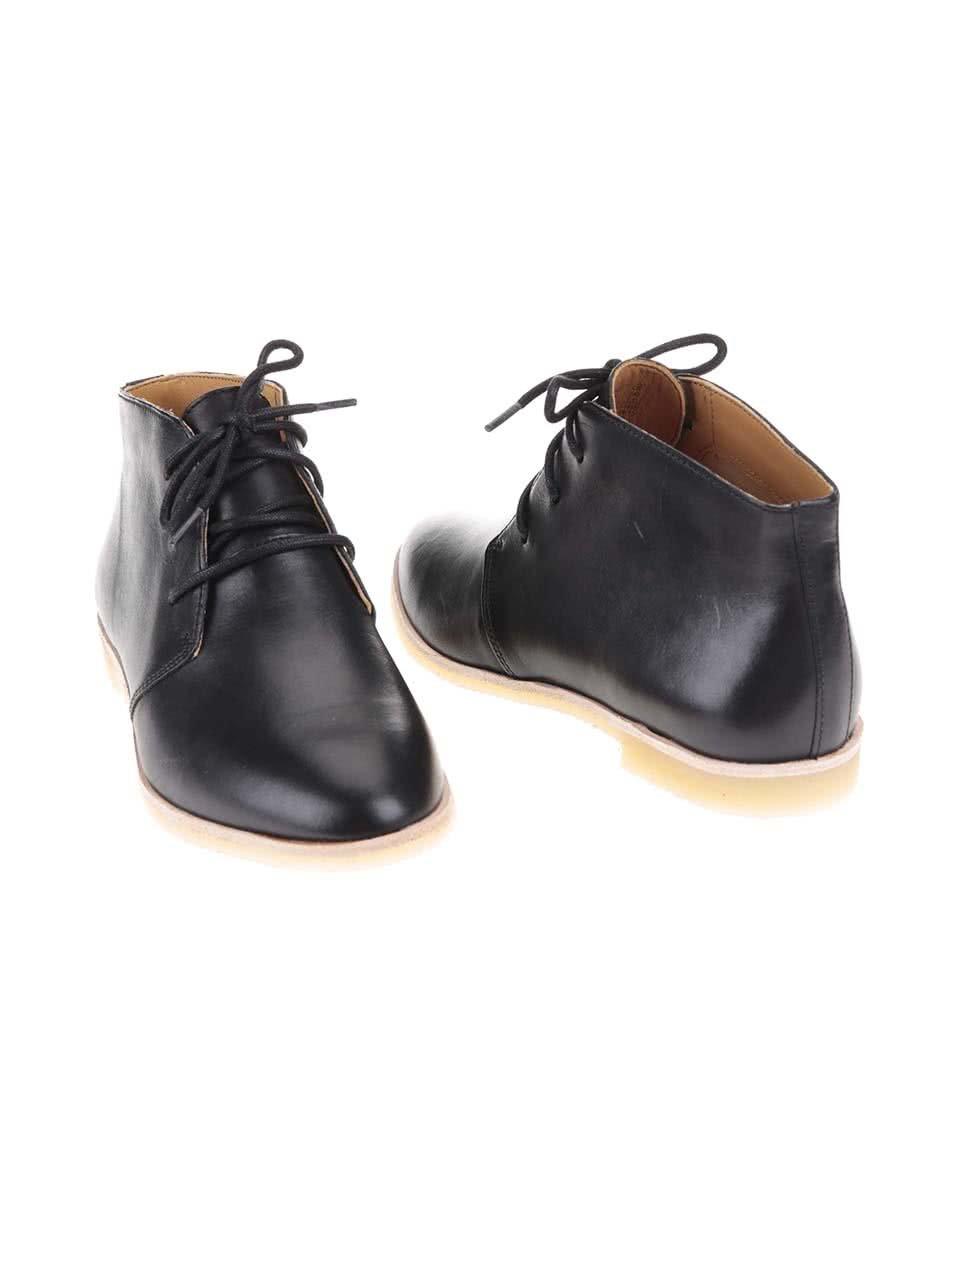 ce76894b7c66 Čierne dámske kožené členkové topánky Clarks Phenia Desert ...